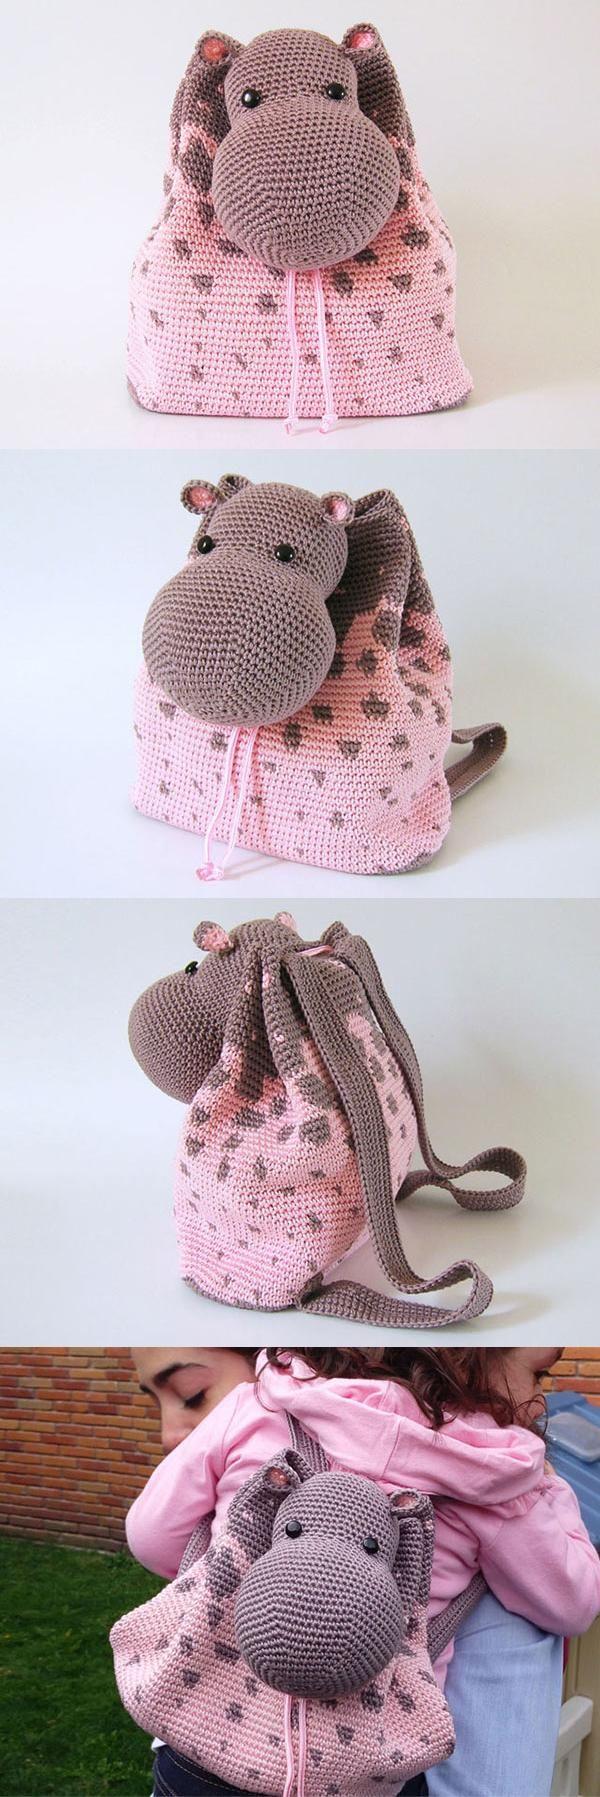 1a86dca9e3a Hippo Backpack Crochet Pattern Gehaakte Tassen, Gehaakte Tas Patronen,  Gehaakt Nijlpaard, Gehaakte Rugzak